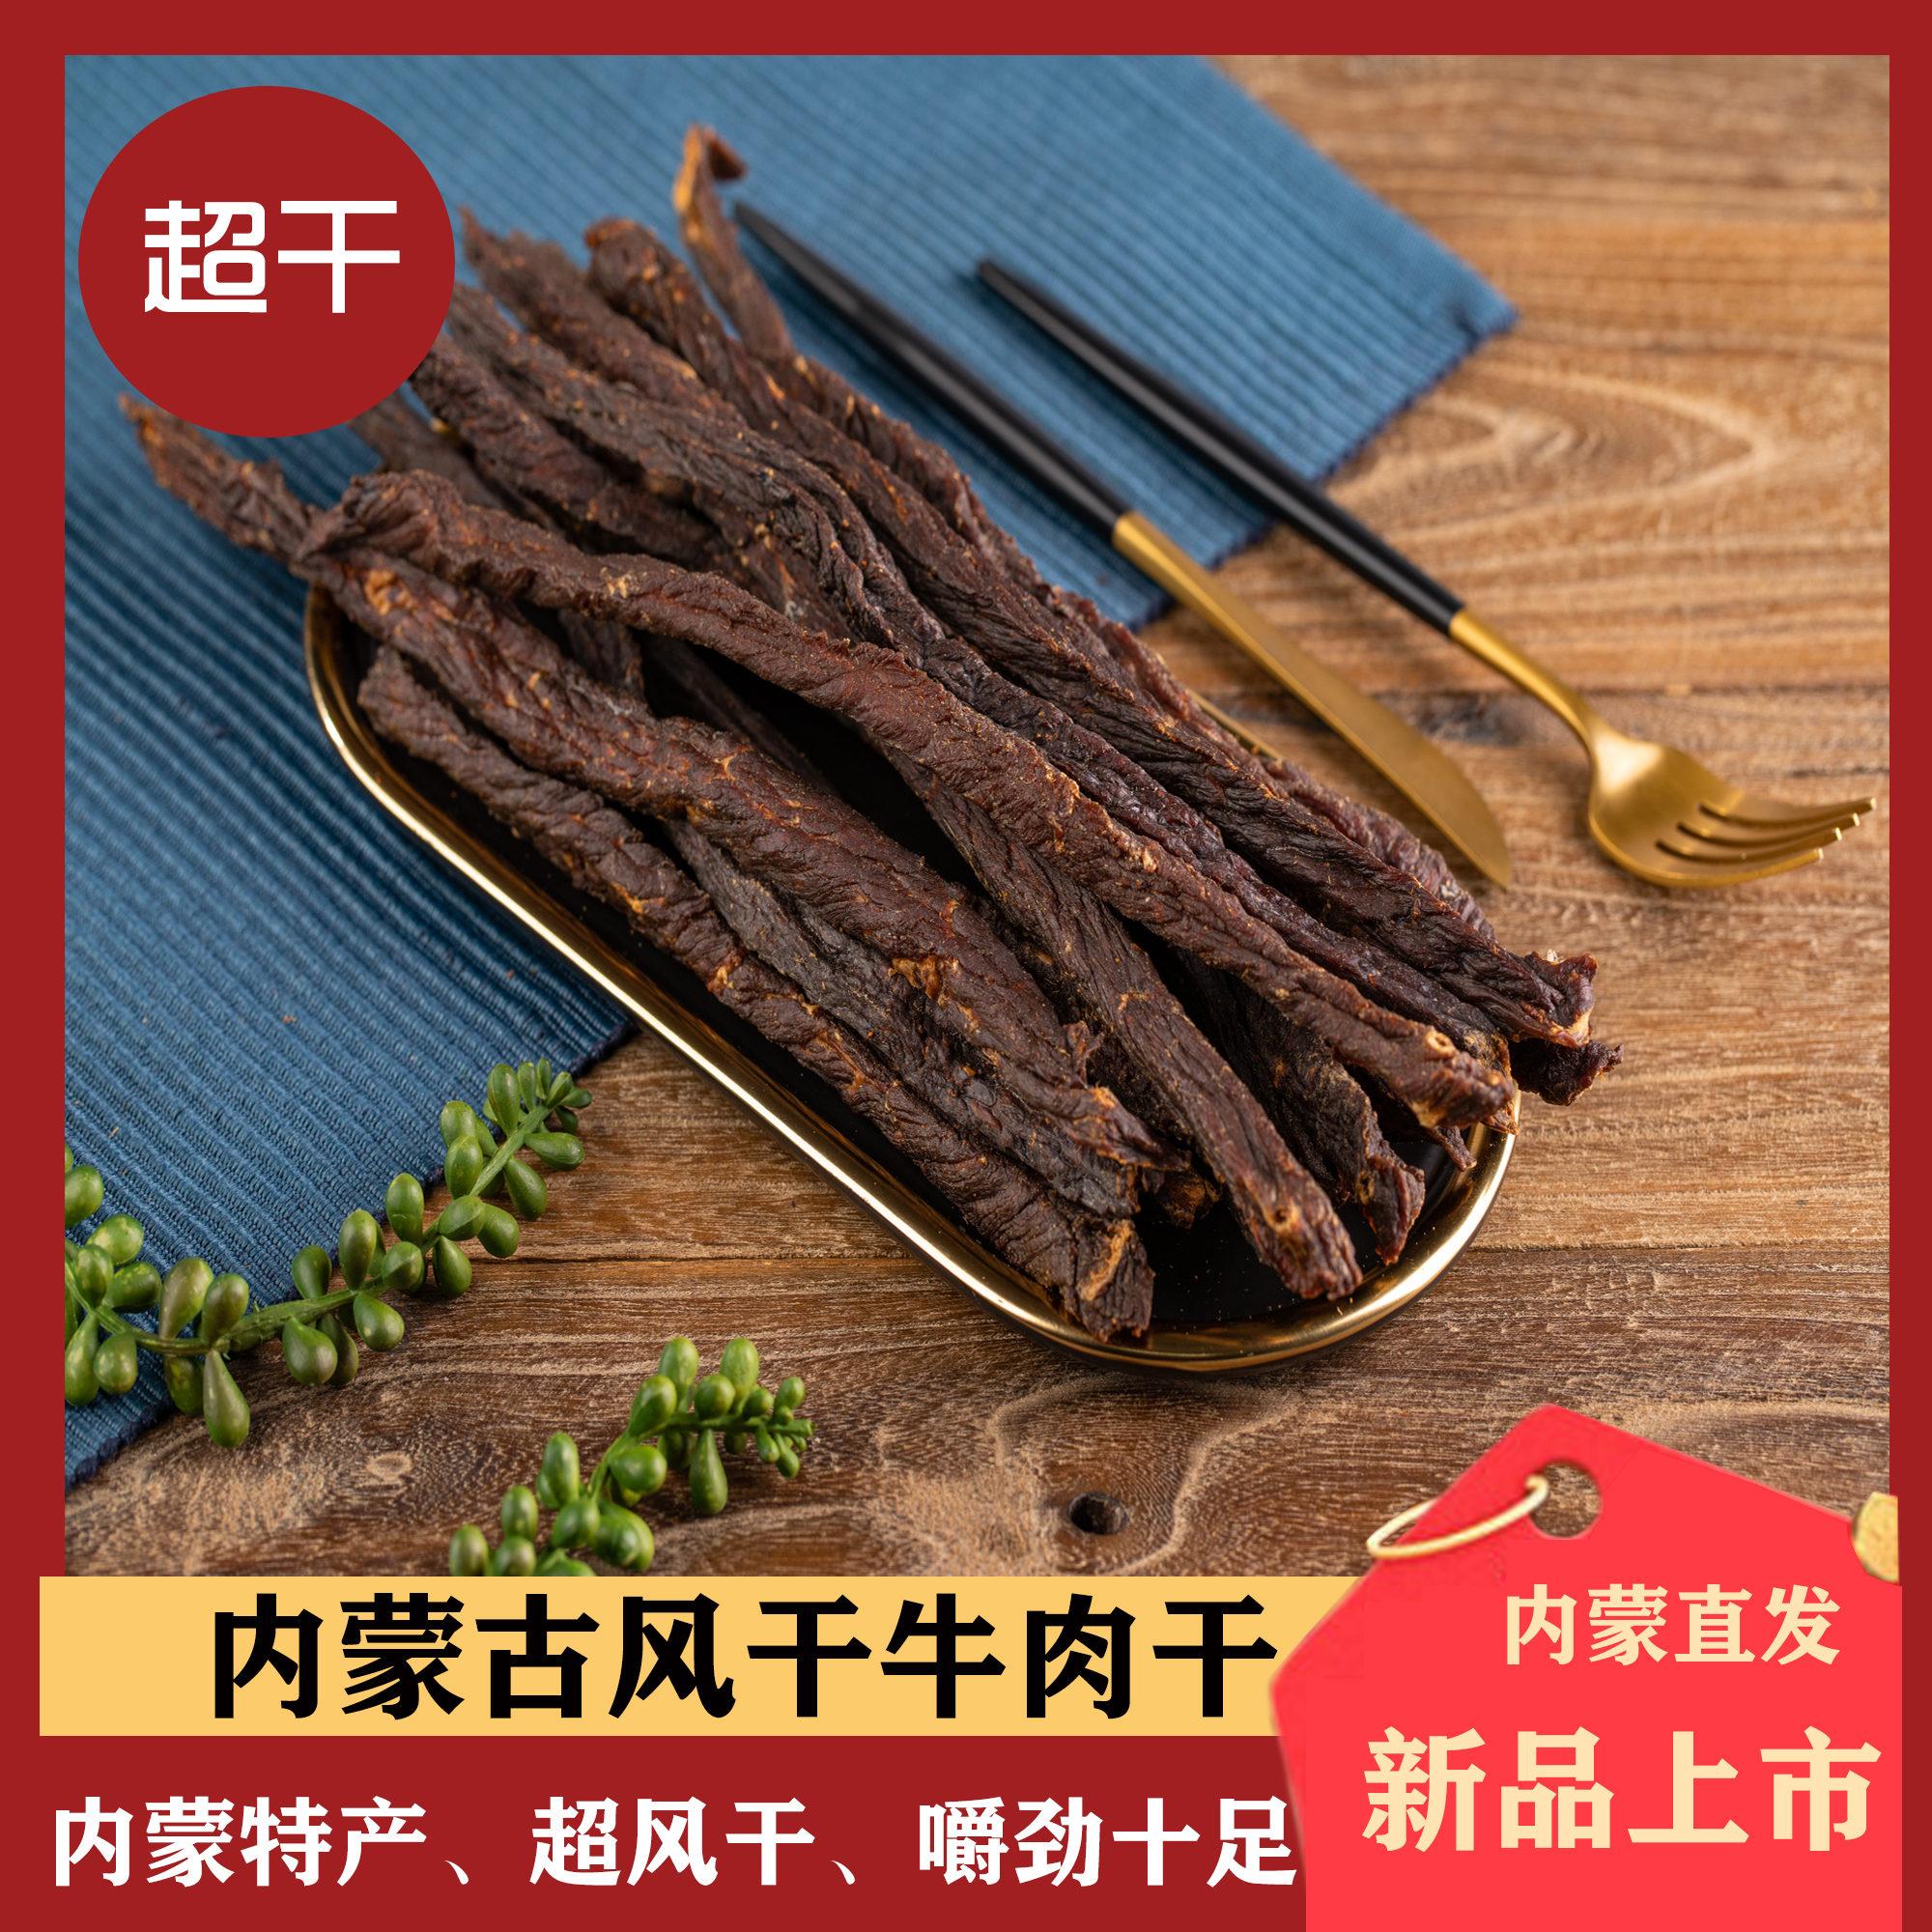 【胡子严选】内蒙古1号牧场超风干牛肉干200g手撕零食休闲小吃